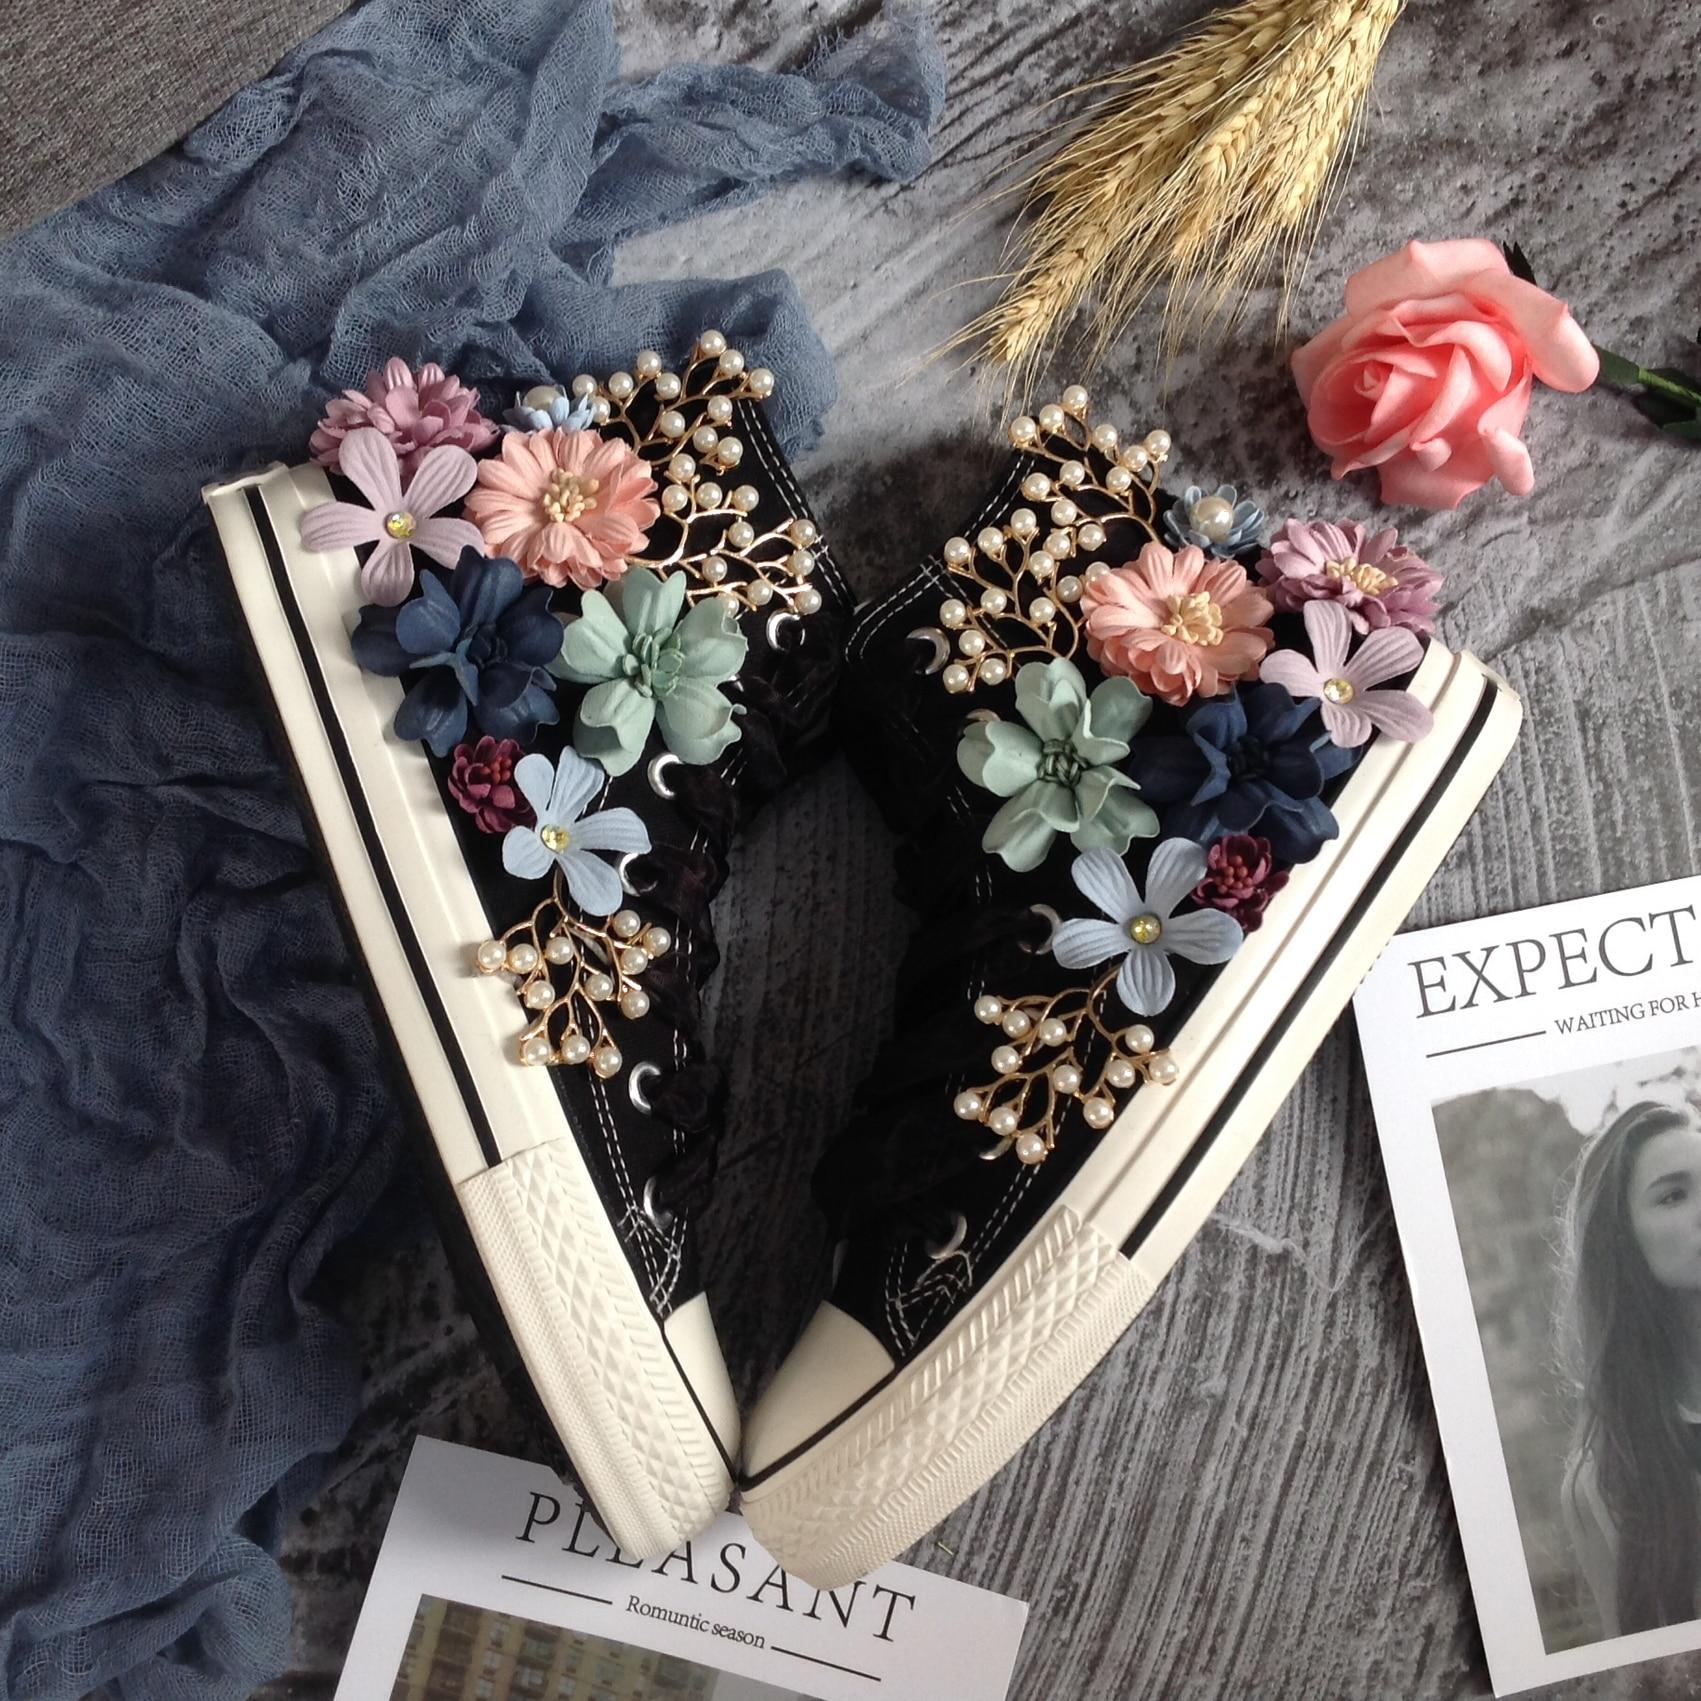 Женские парусиновые бусы со стразами; спортивные кроссовки с цветочным принтом и жемчугом; обувь на плоской подошве с высоким берцем; краси